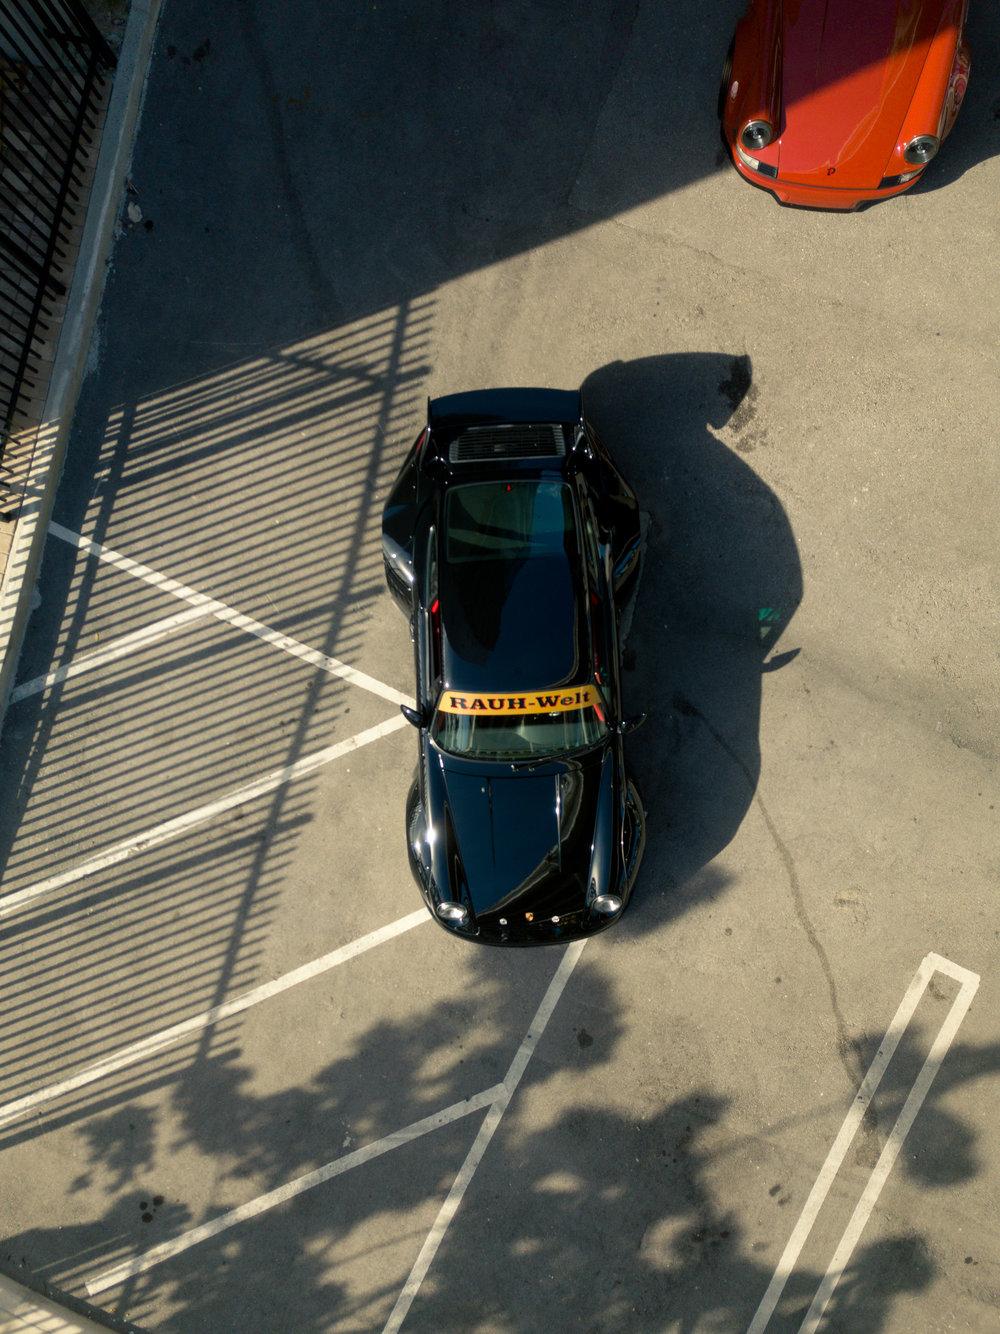 DVN055 Parkhaus Speedster Magazine Feature 1-16-18_Drone11.jpg